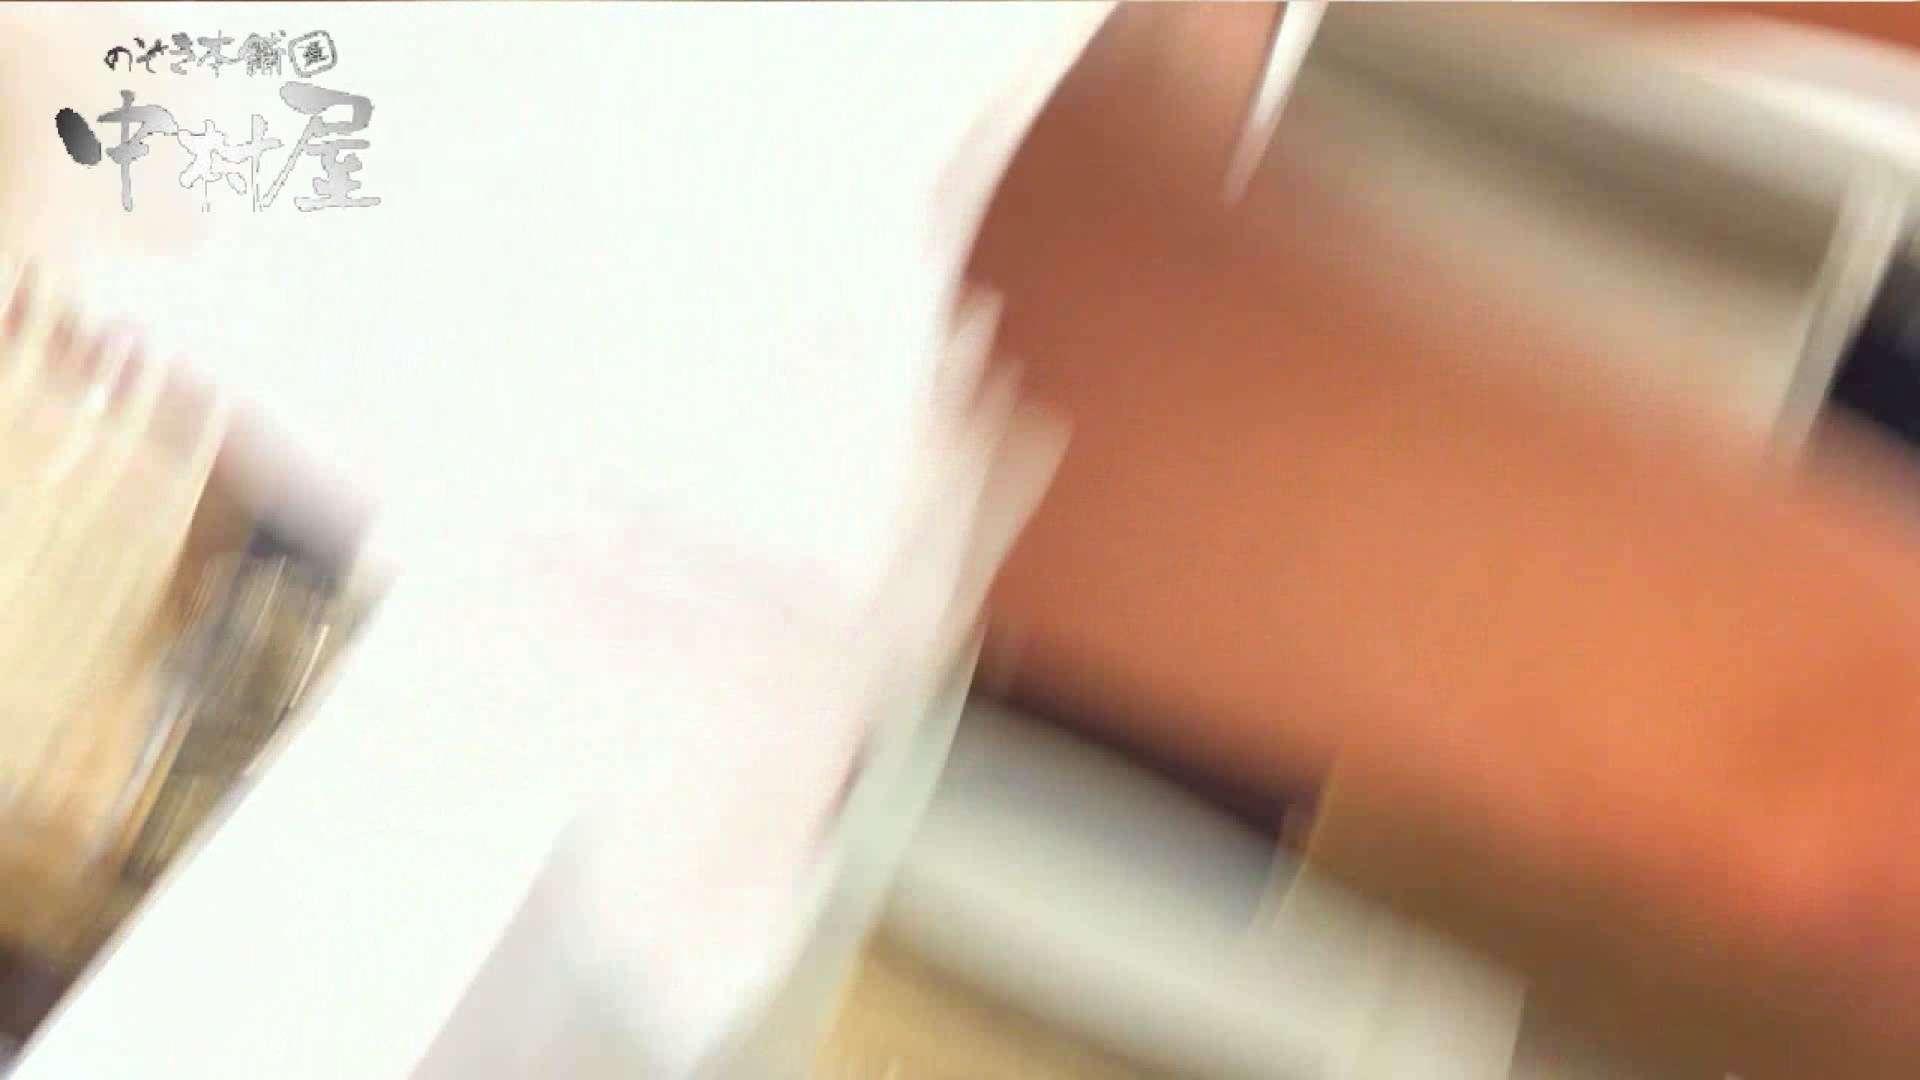 vol.61 美人アパレル胸チラ&パンチラ テカピンクのおパンツさん 胸チラ | パンチラ  107PIX 25